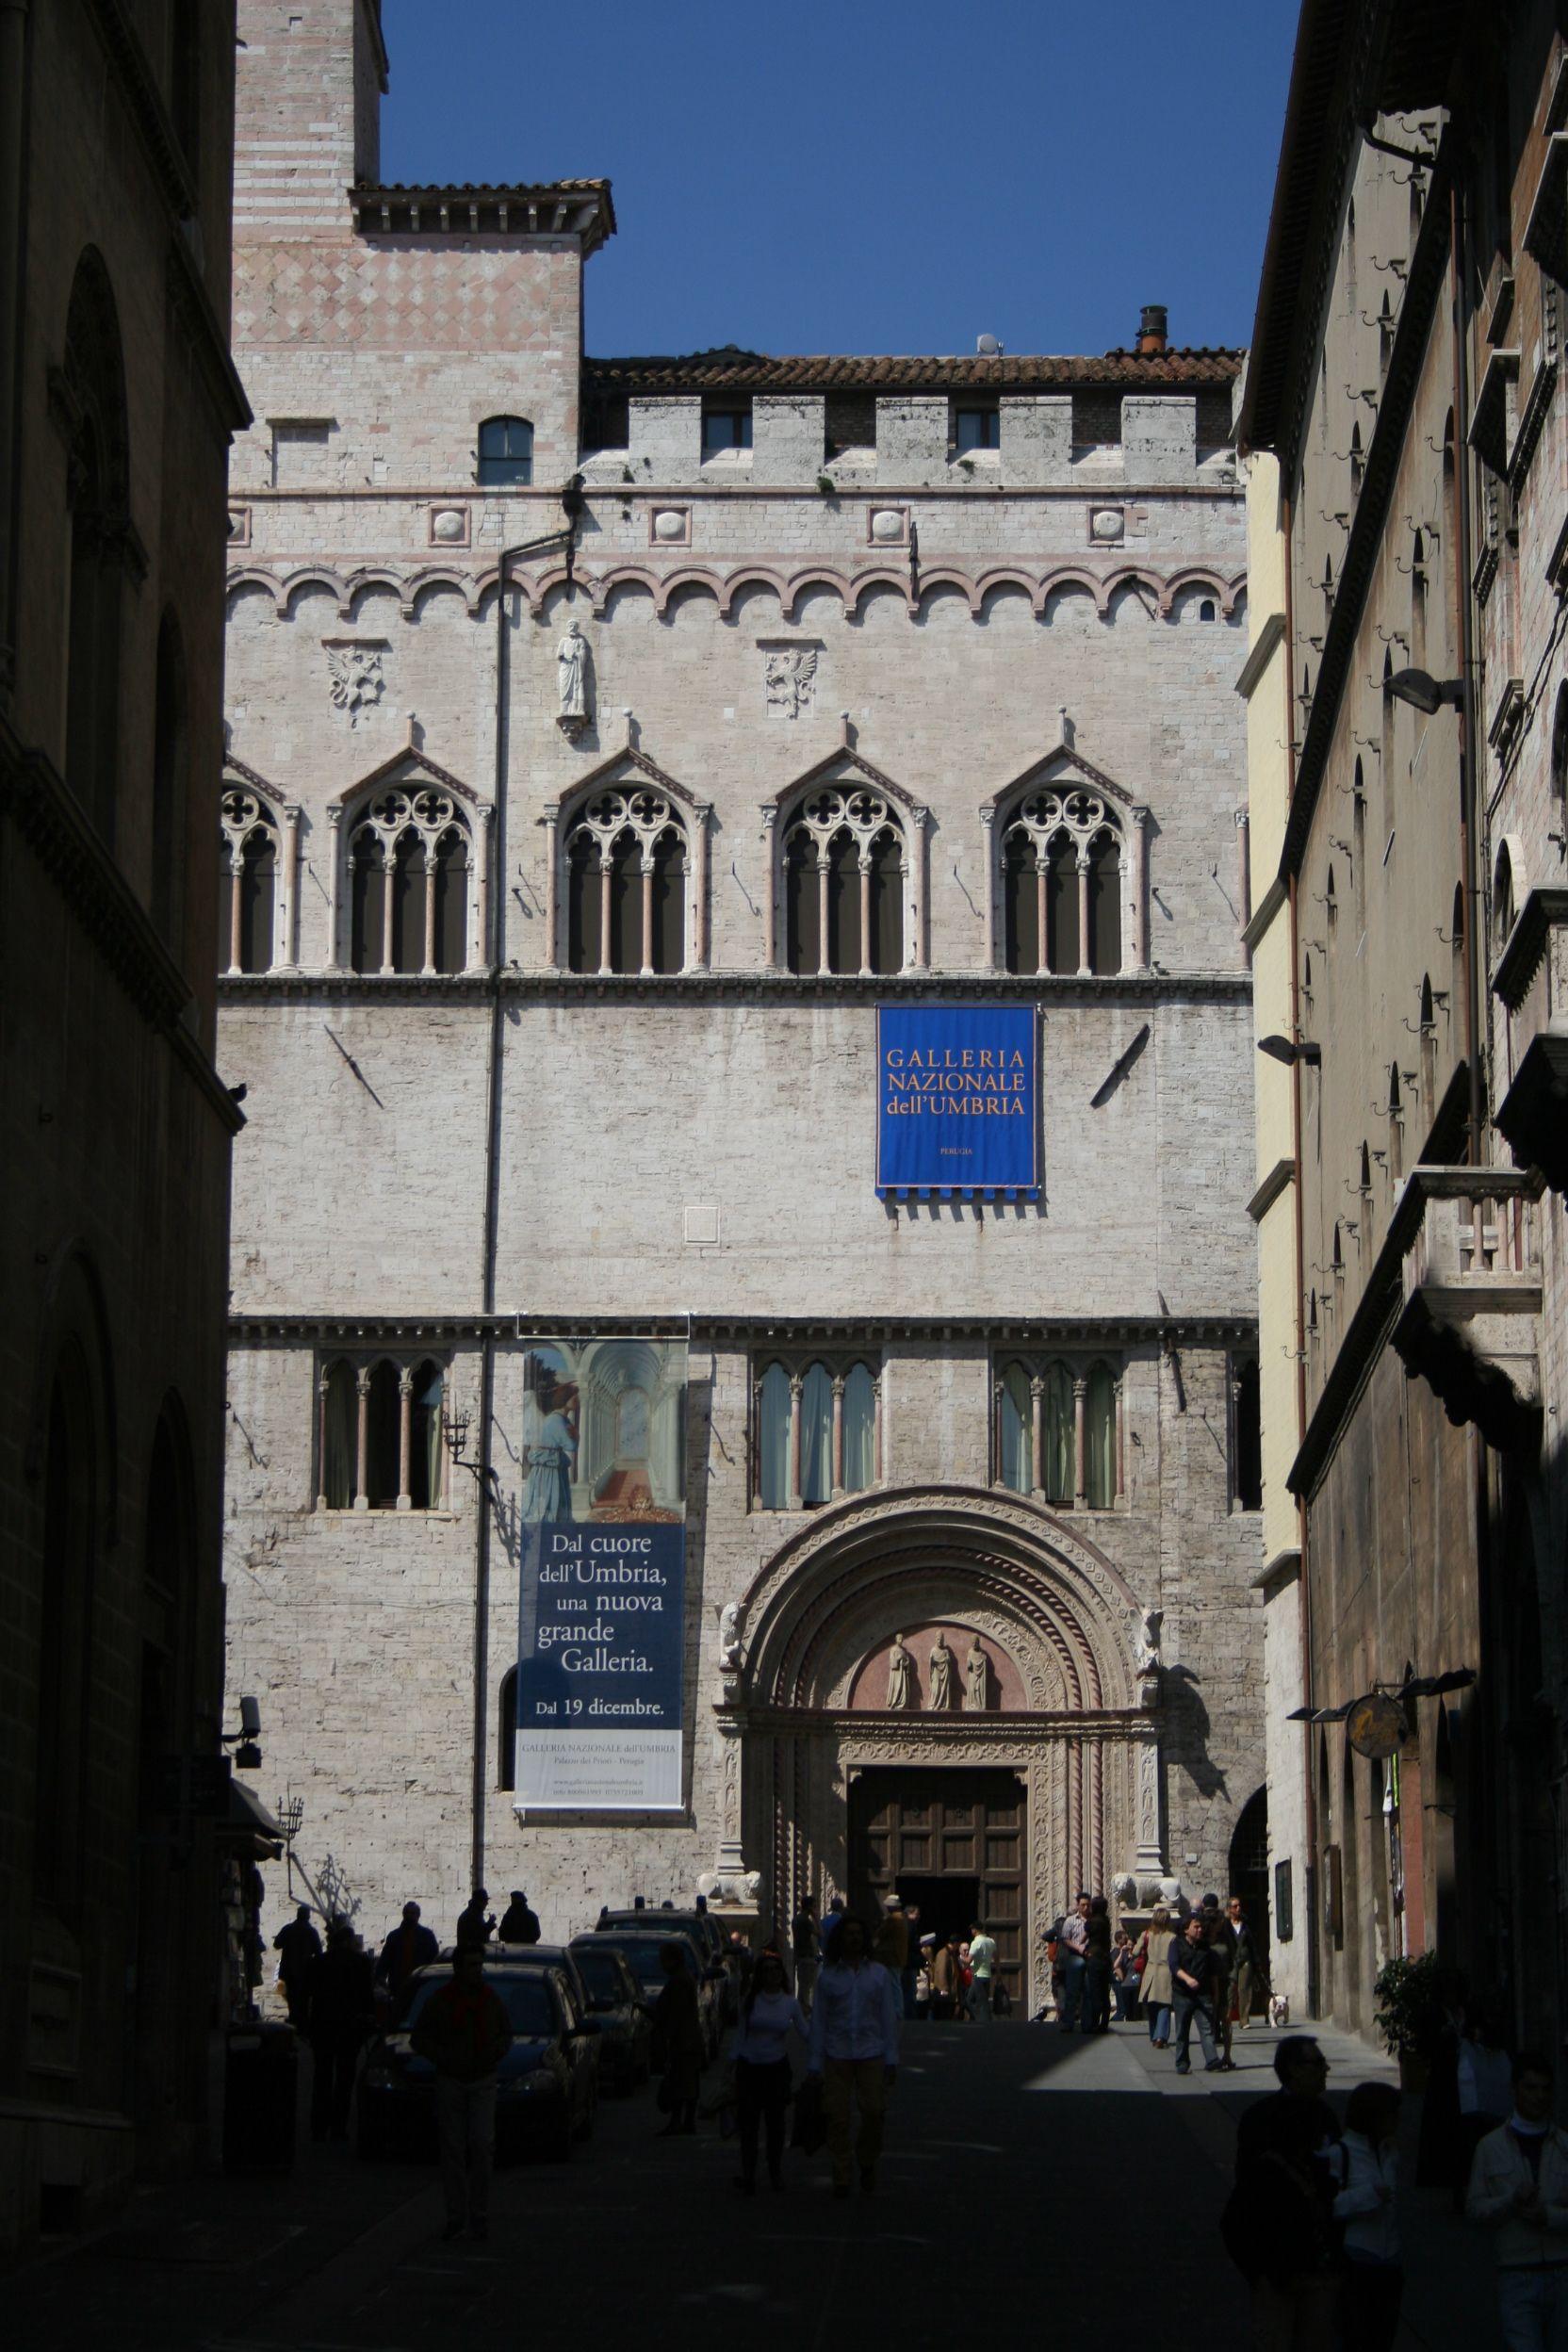 Perugia, the Palazzo dei Priori (Town Hall, encompassing the Collegio del Cambio, Collegio della Mercanzia, and Galleria Nazionale), one of Italy's greatest buildings.